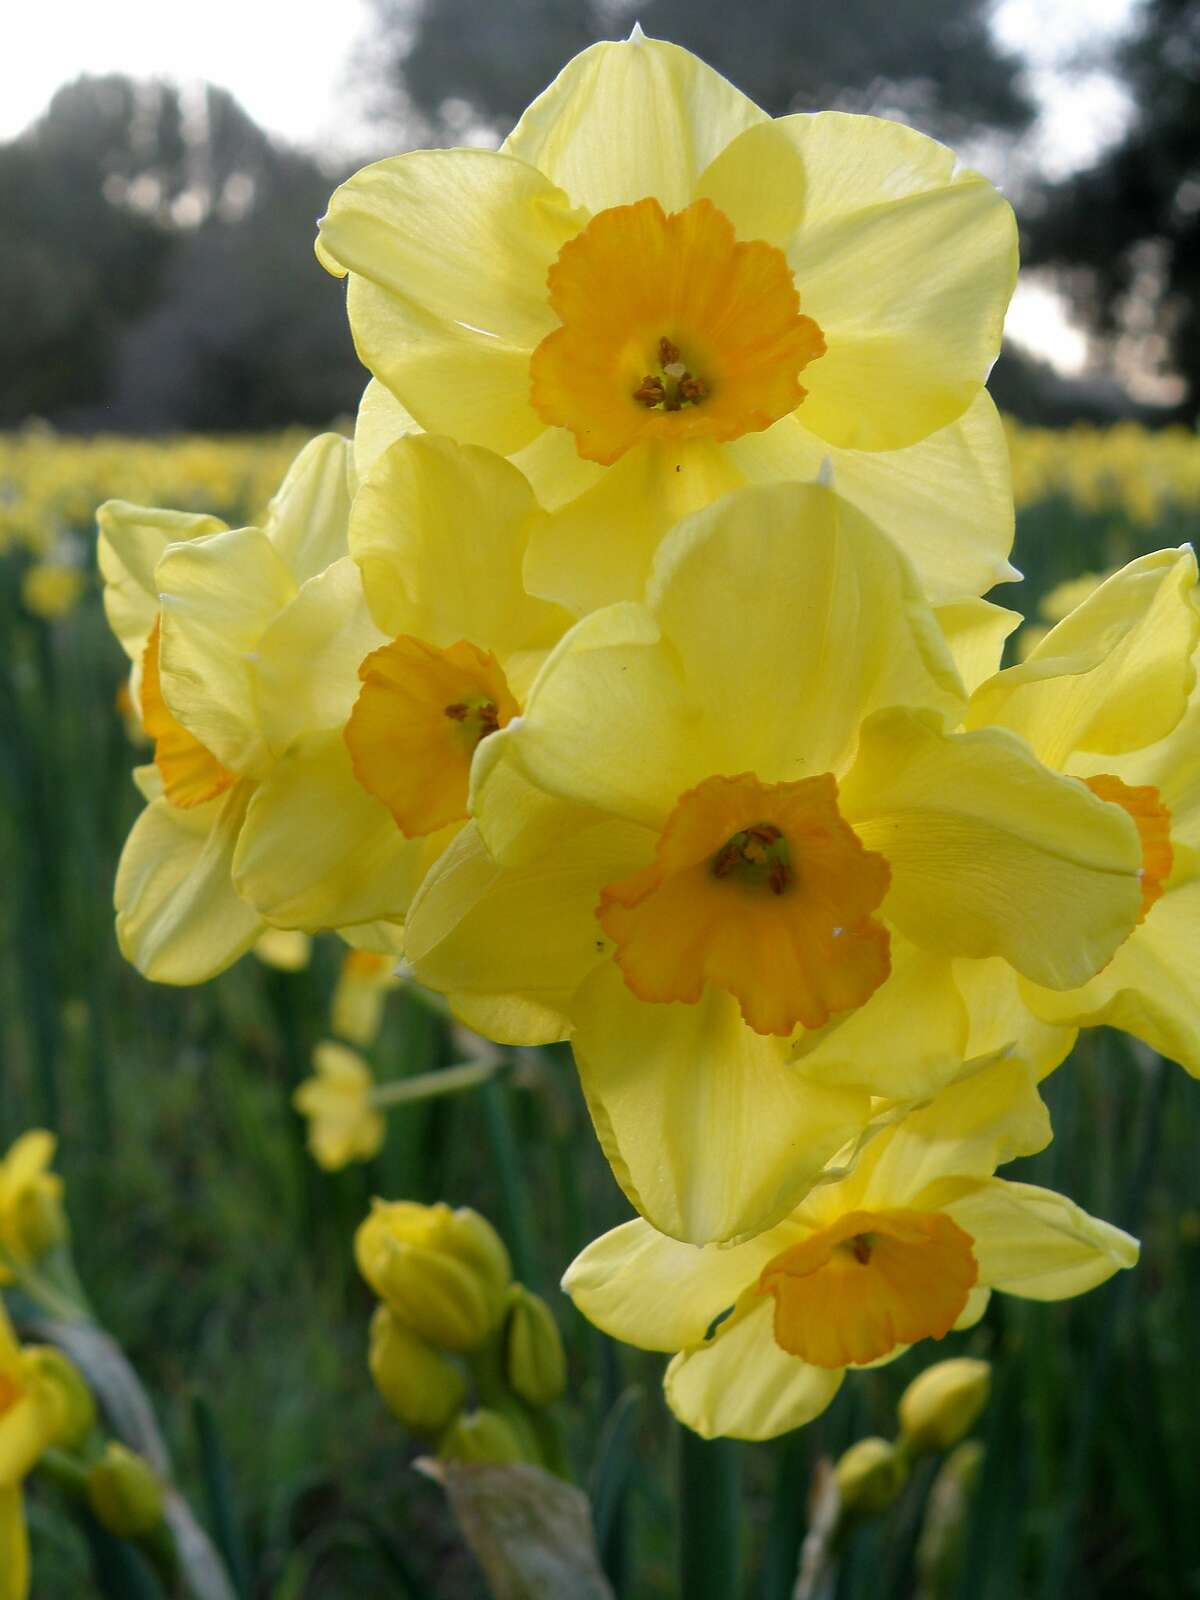 Daffodil, 'Golden Dawn'